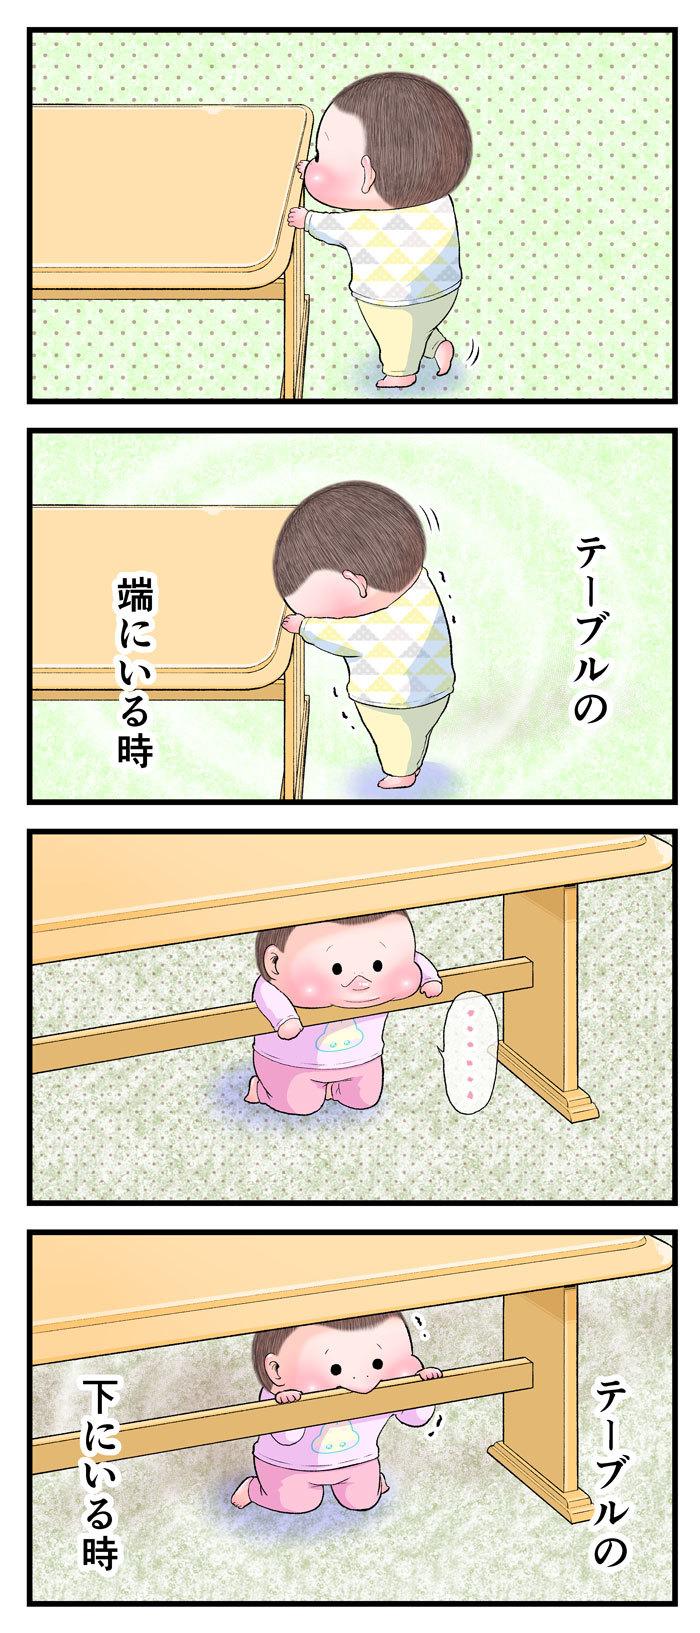 妙に腰をくねらせる〜!息子の「出してるよ」サインが、バリエーション豊富な件の画像3